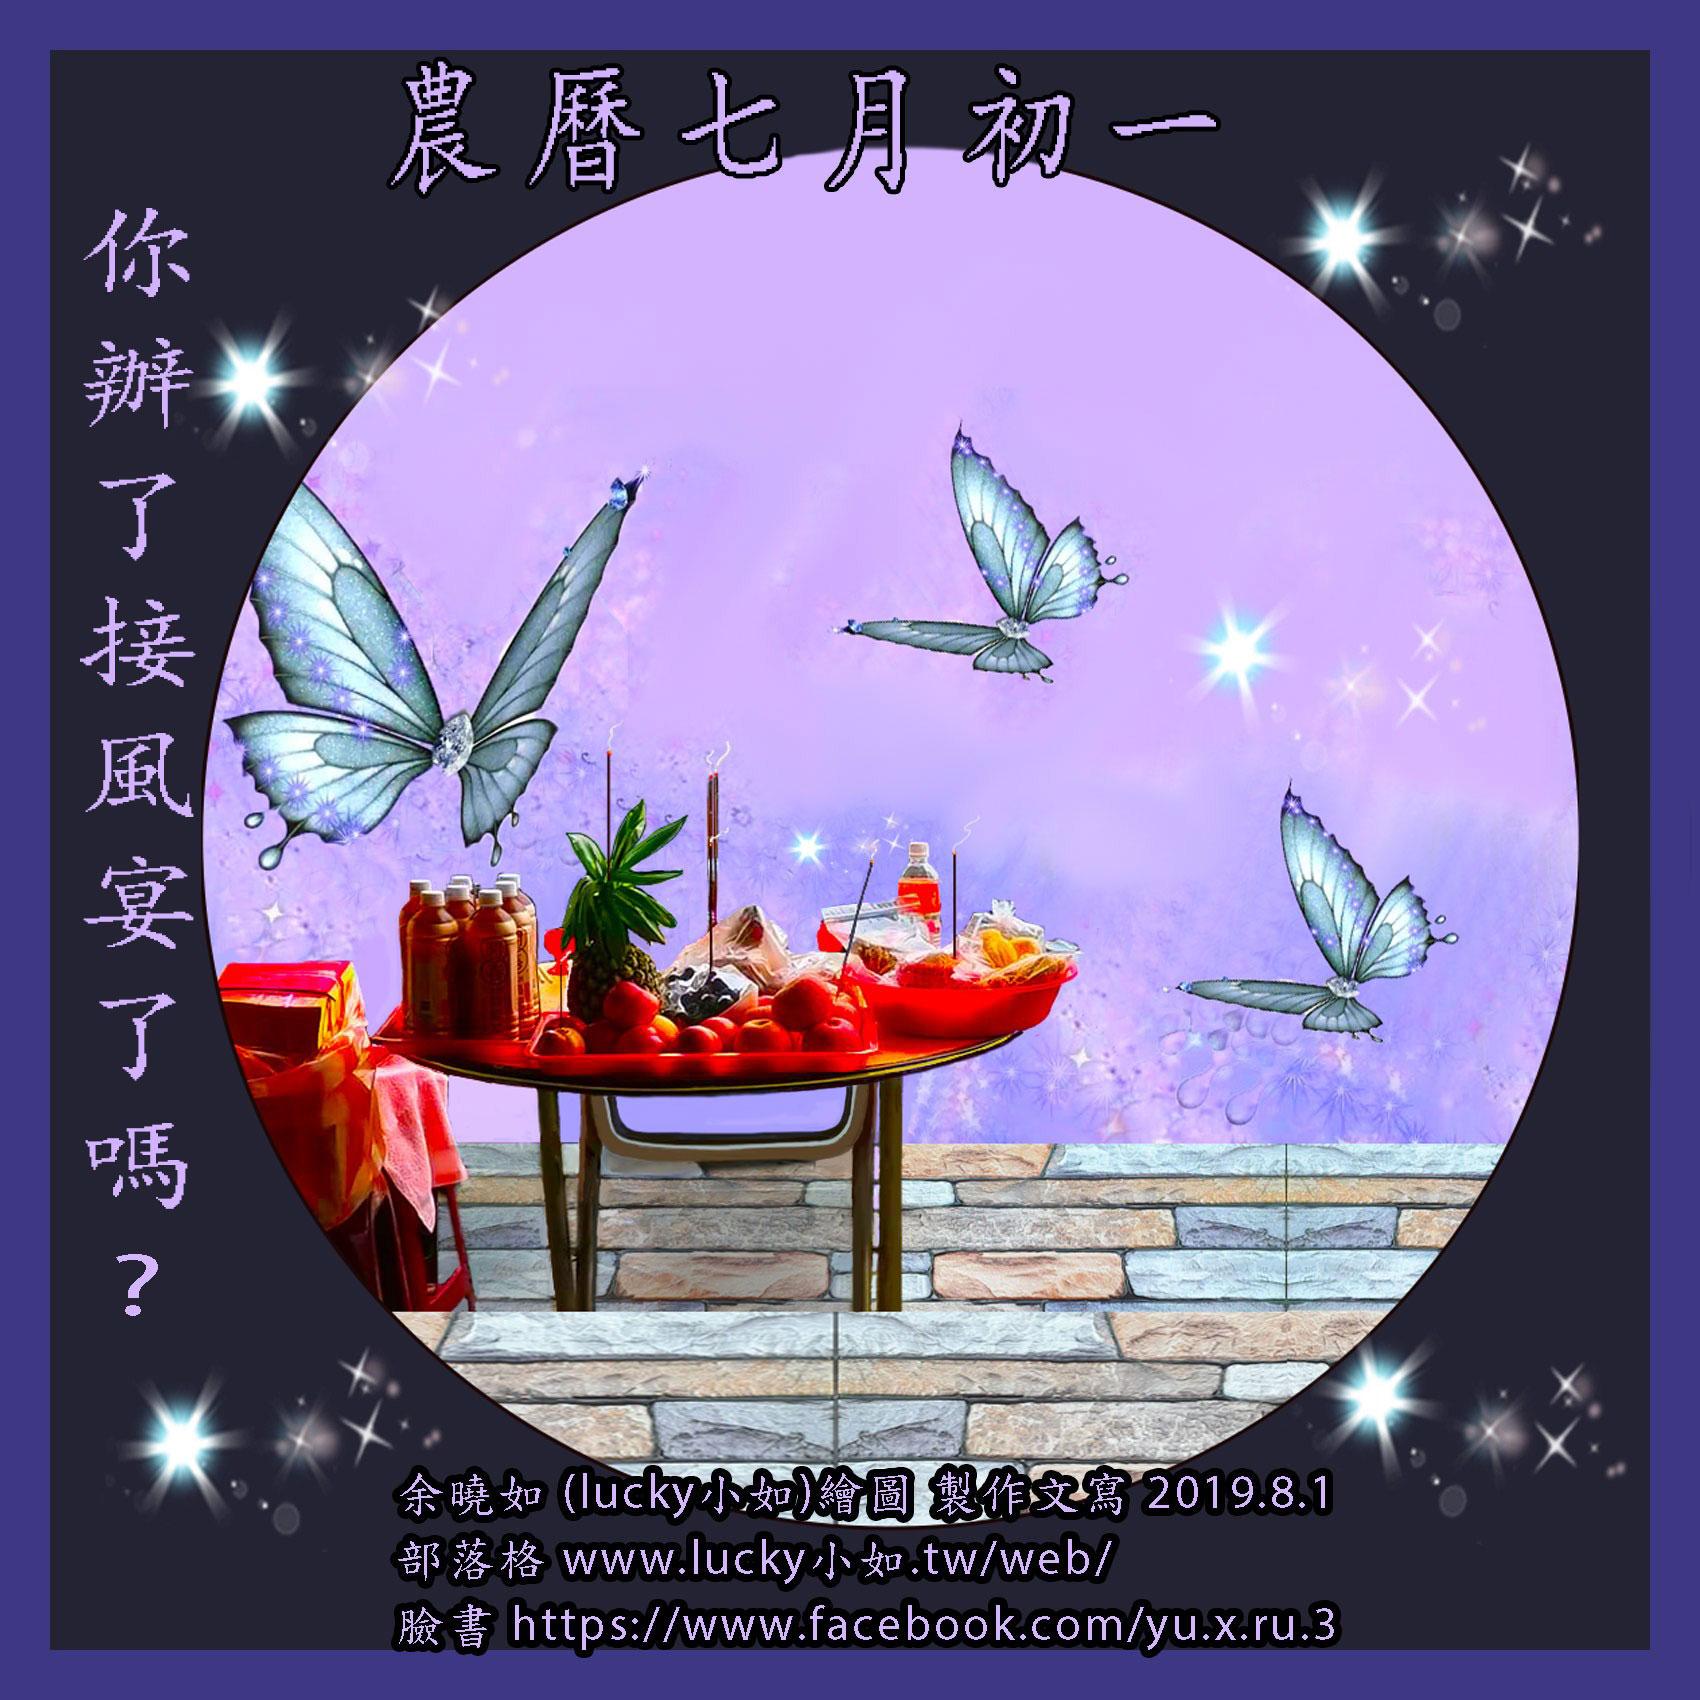 農曆 七月 鬼門開~ 初一 要特別 為好兄弟辦一場簡單樸素的「接風宴」